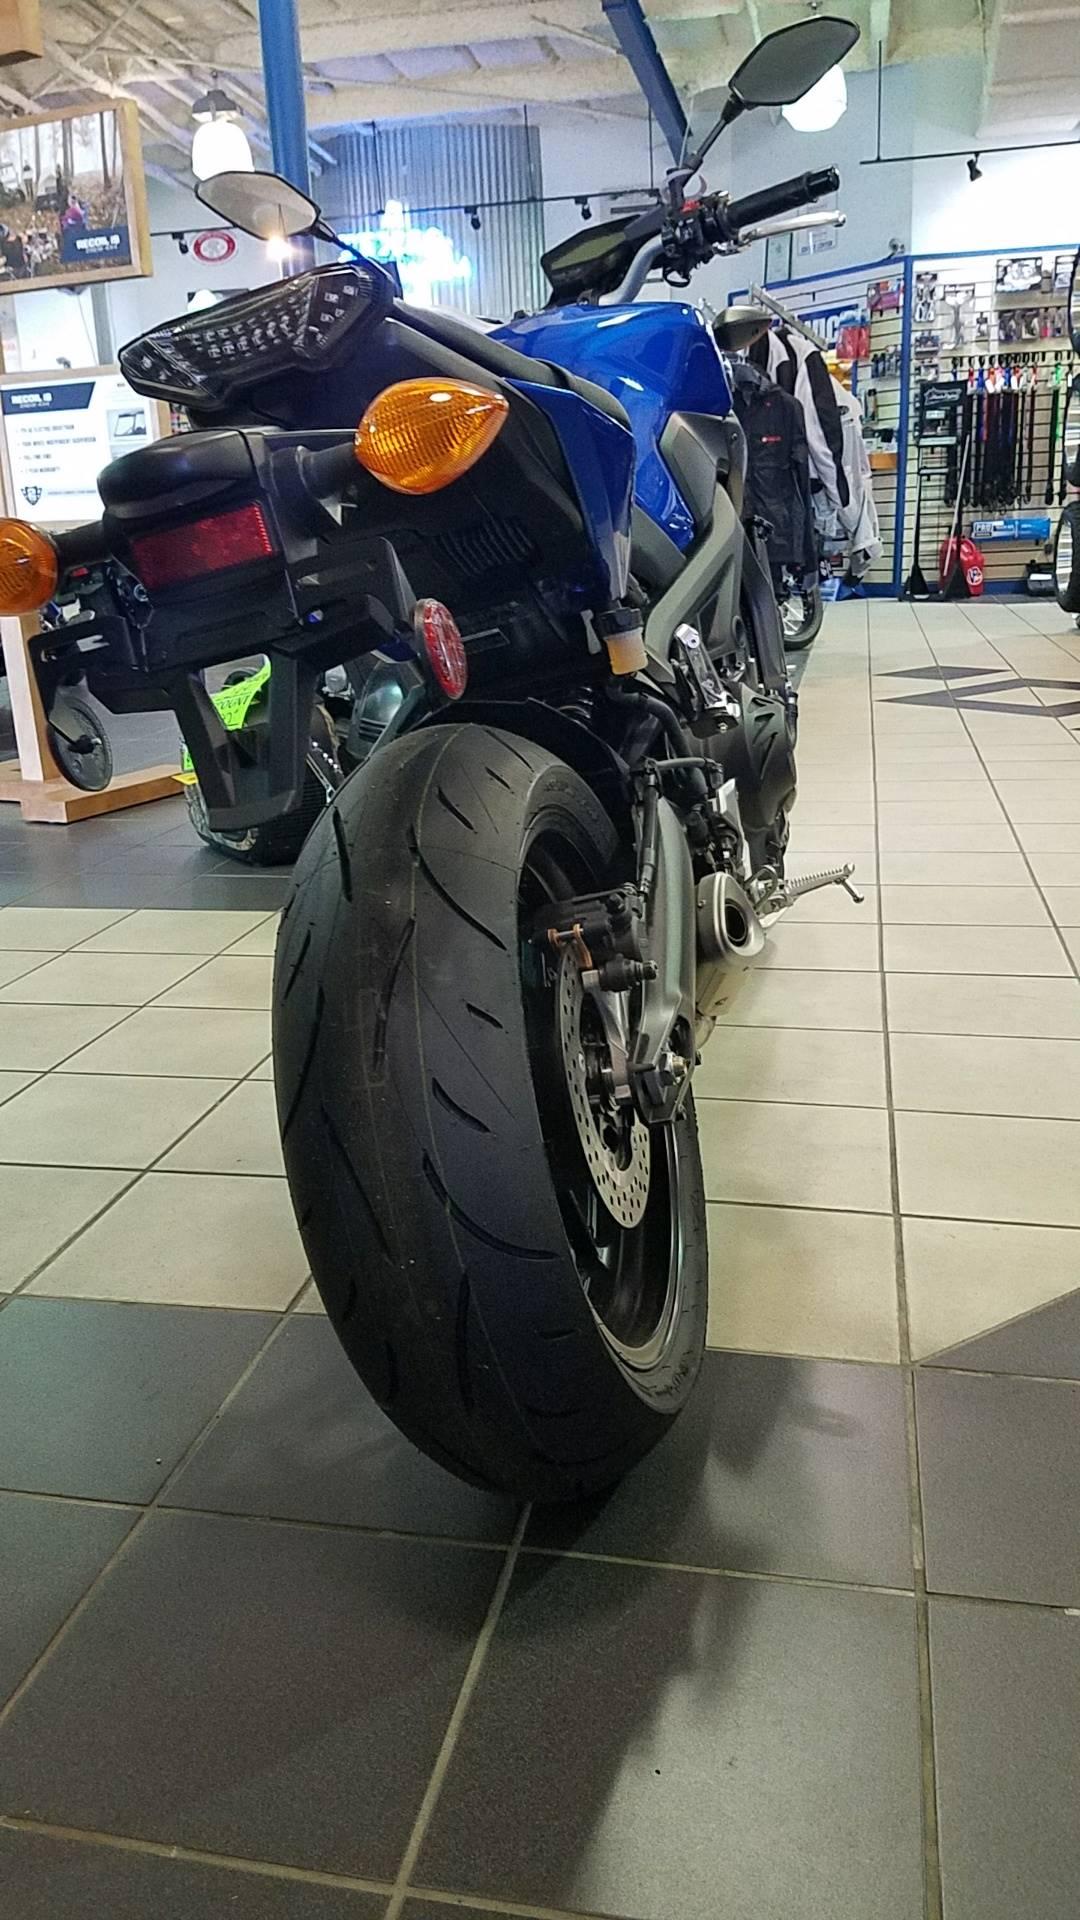 2016 Yamaha FZ-09 4